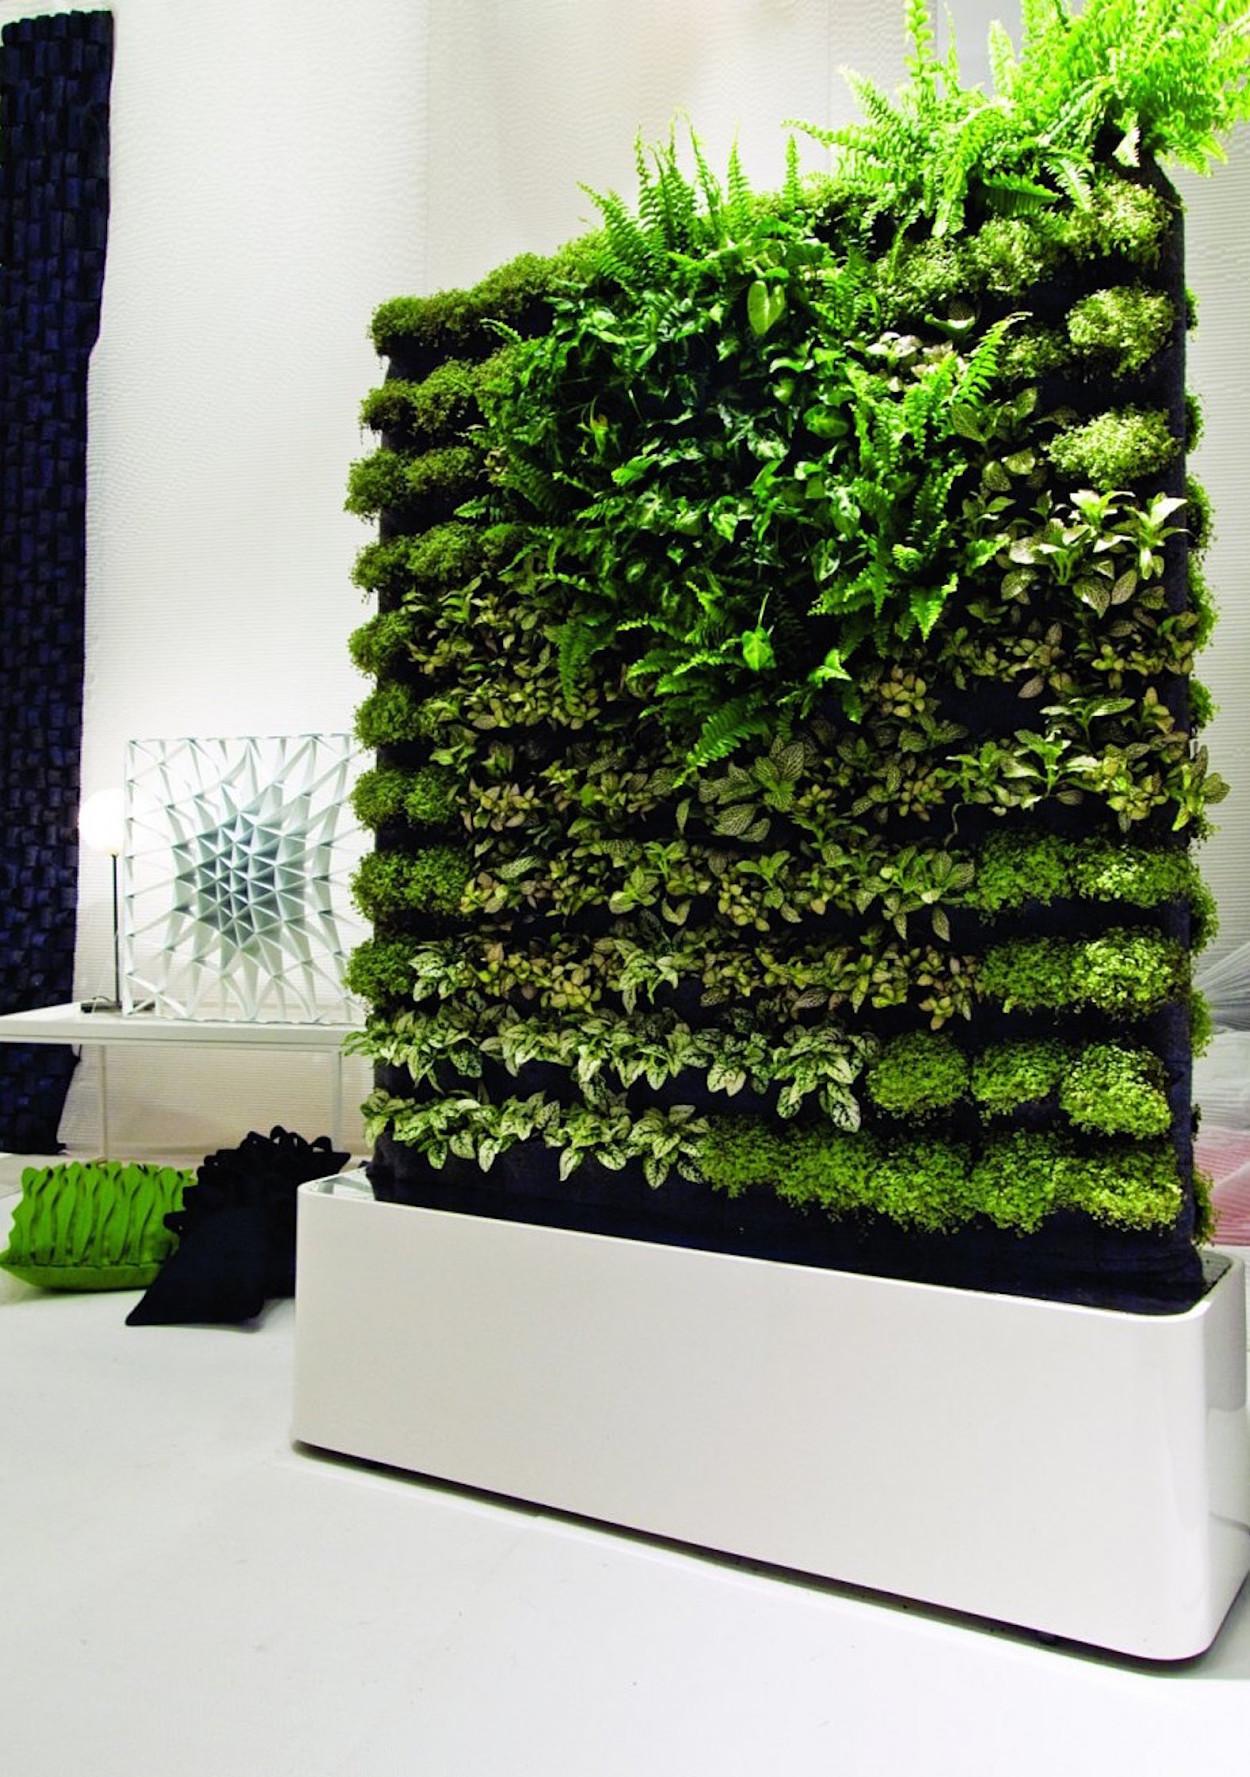 & Moss Wall Art Isnu0027t Just Pretty Itu0027s Good for You Too | Martha Stewart